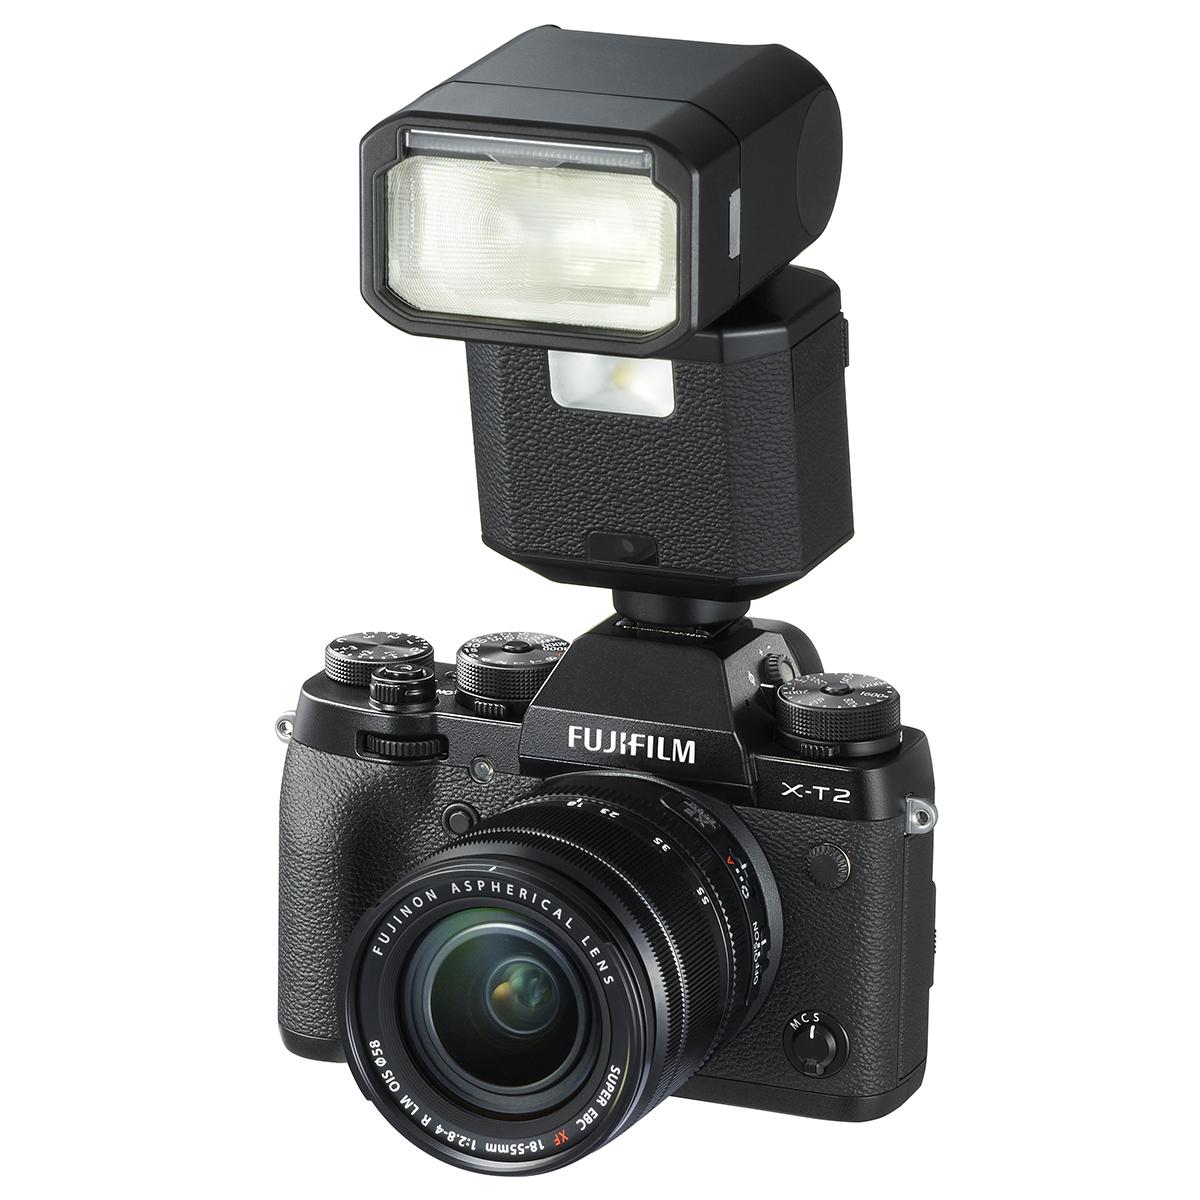 fujifilm-x-t2-003